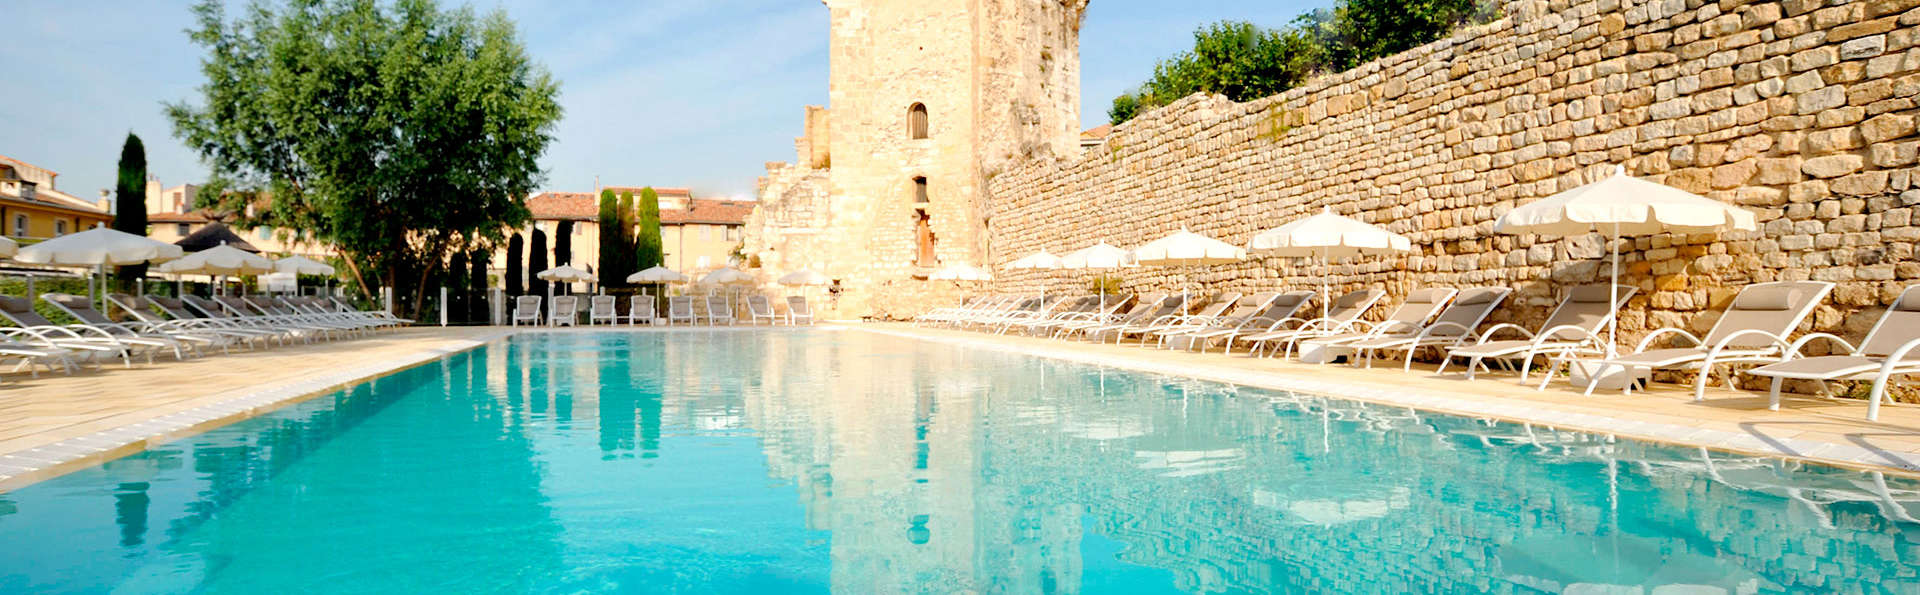 Charme et détente au coeur d'Aix-en-Provence